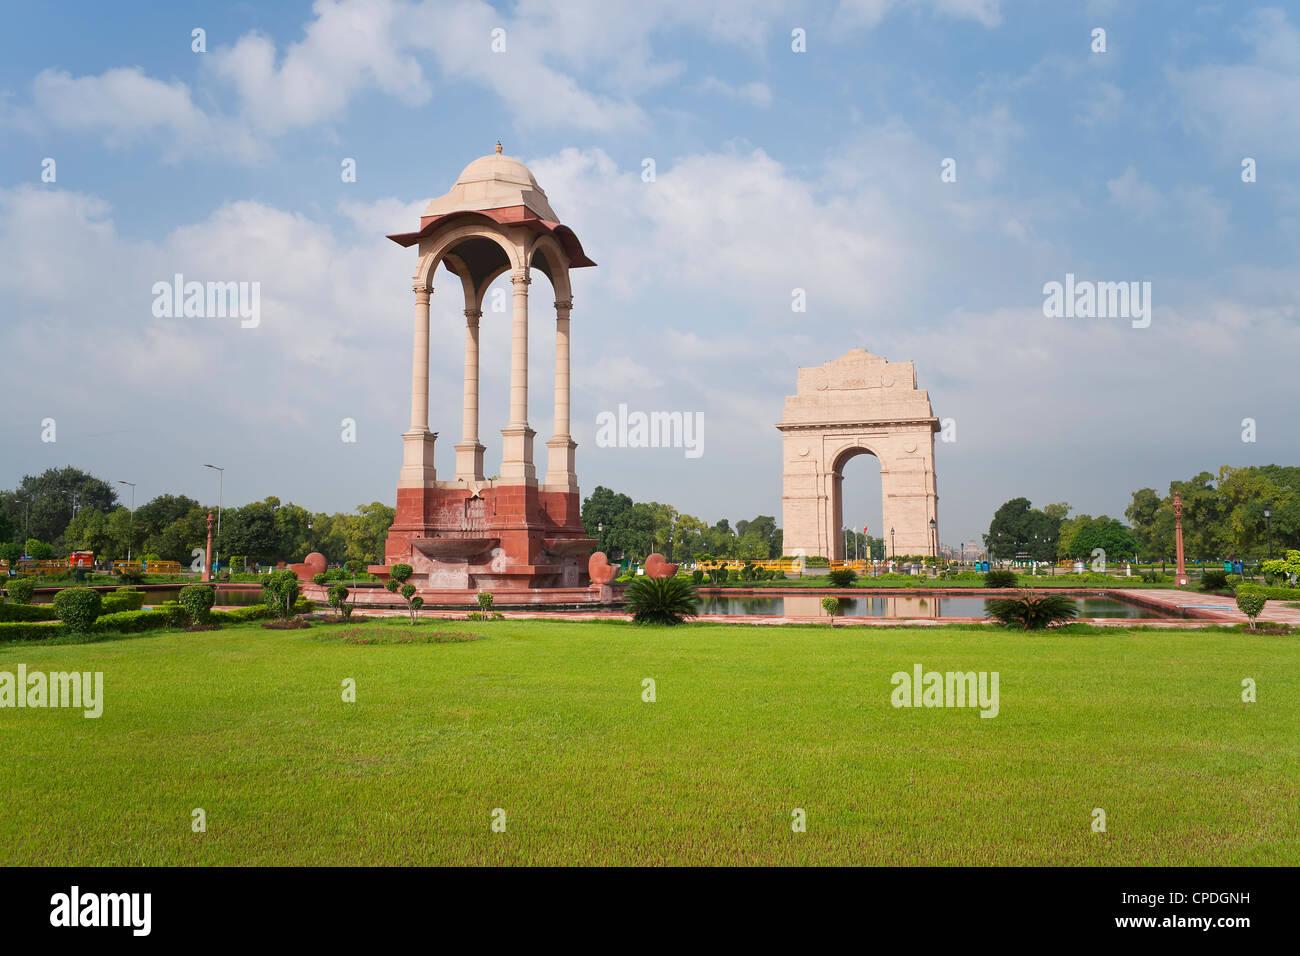 India Gate, alta 42 metri, estremità orientale del Rajpath, New Delhi, Delhi, India, Asia Immagini Stock